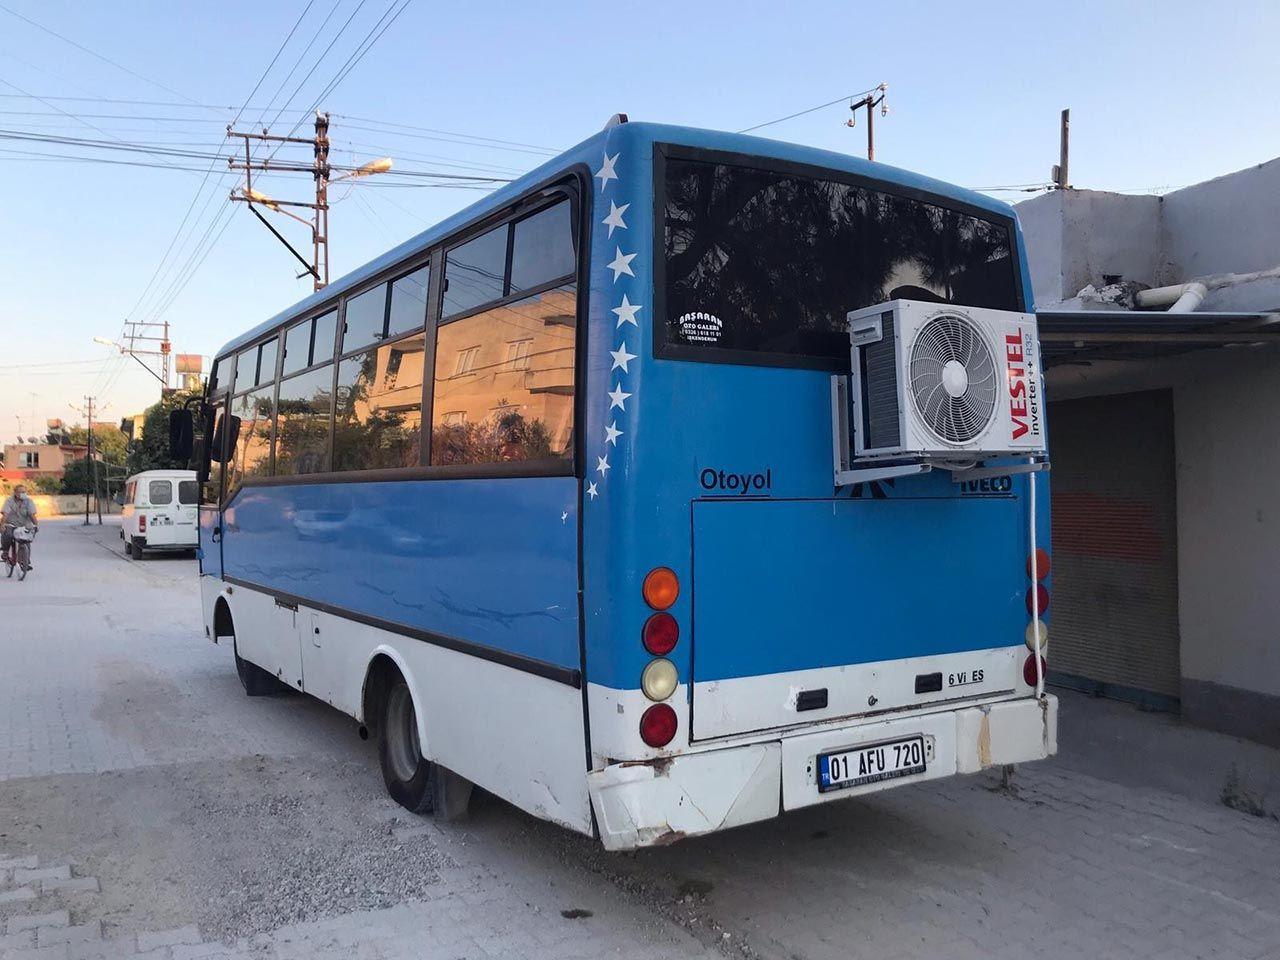 Bu otobüsü gören şaşıp kaldı! İçinde yok yok - Resim: 3